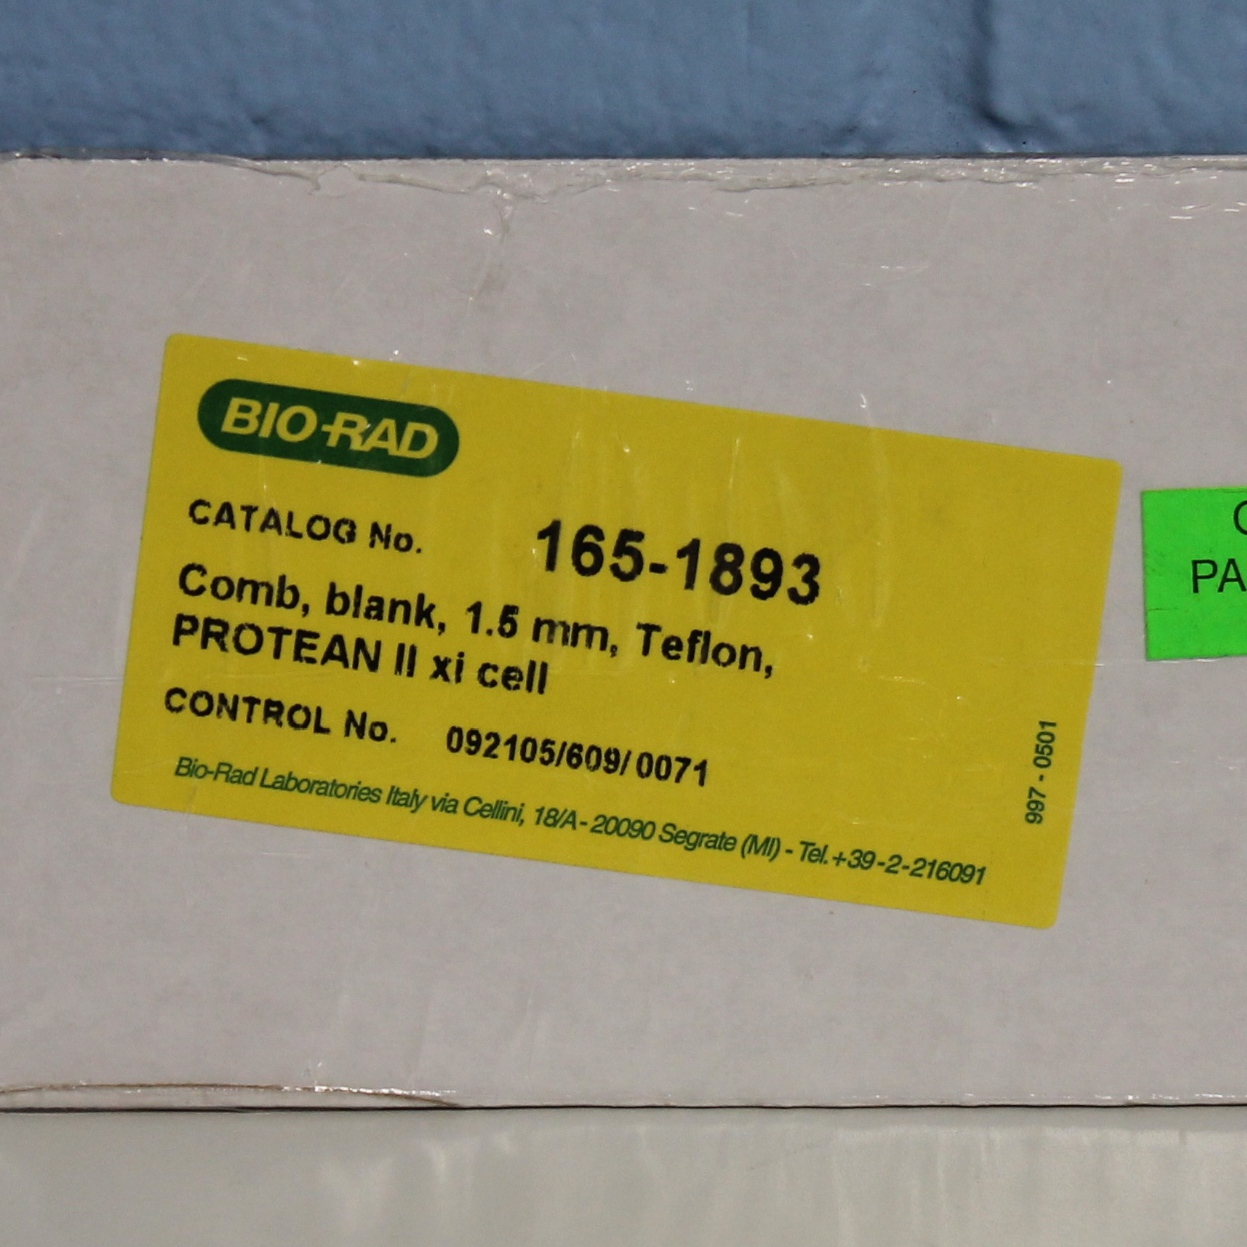 PROTEAN II xi Comb CAT No. 1651893; 1.5 mm, Teflon Name